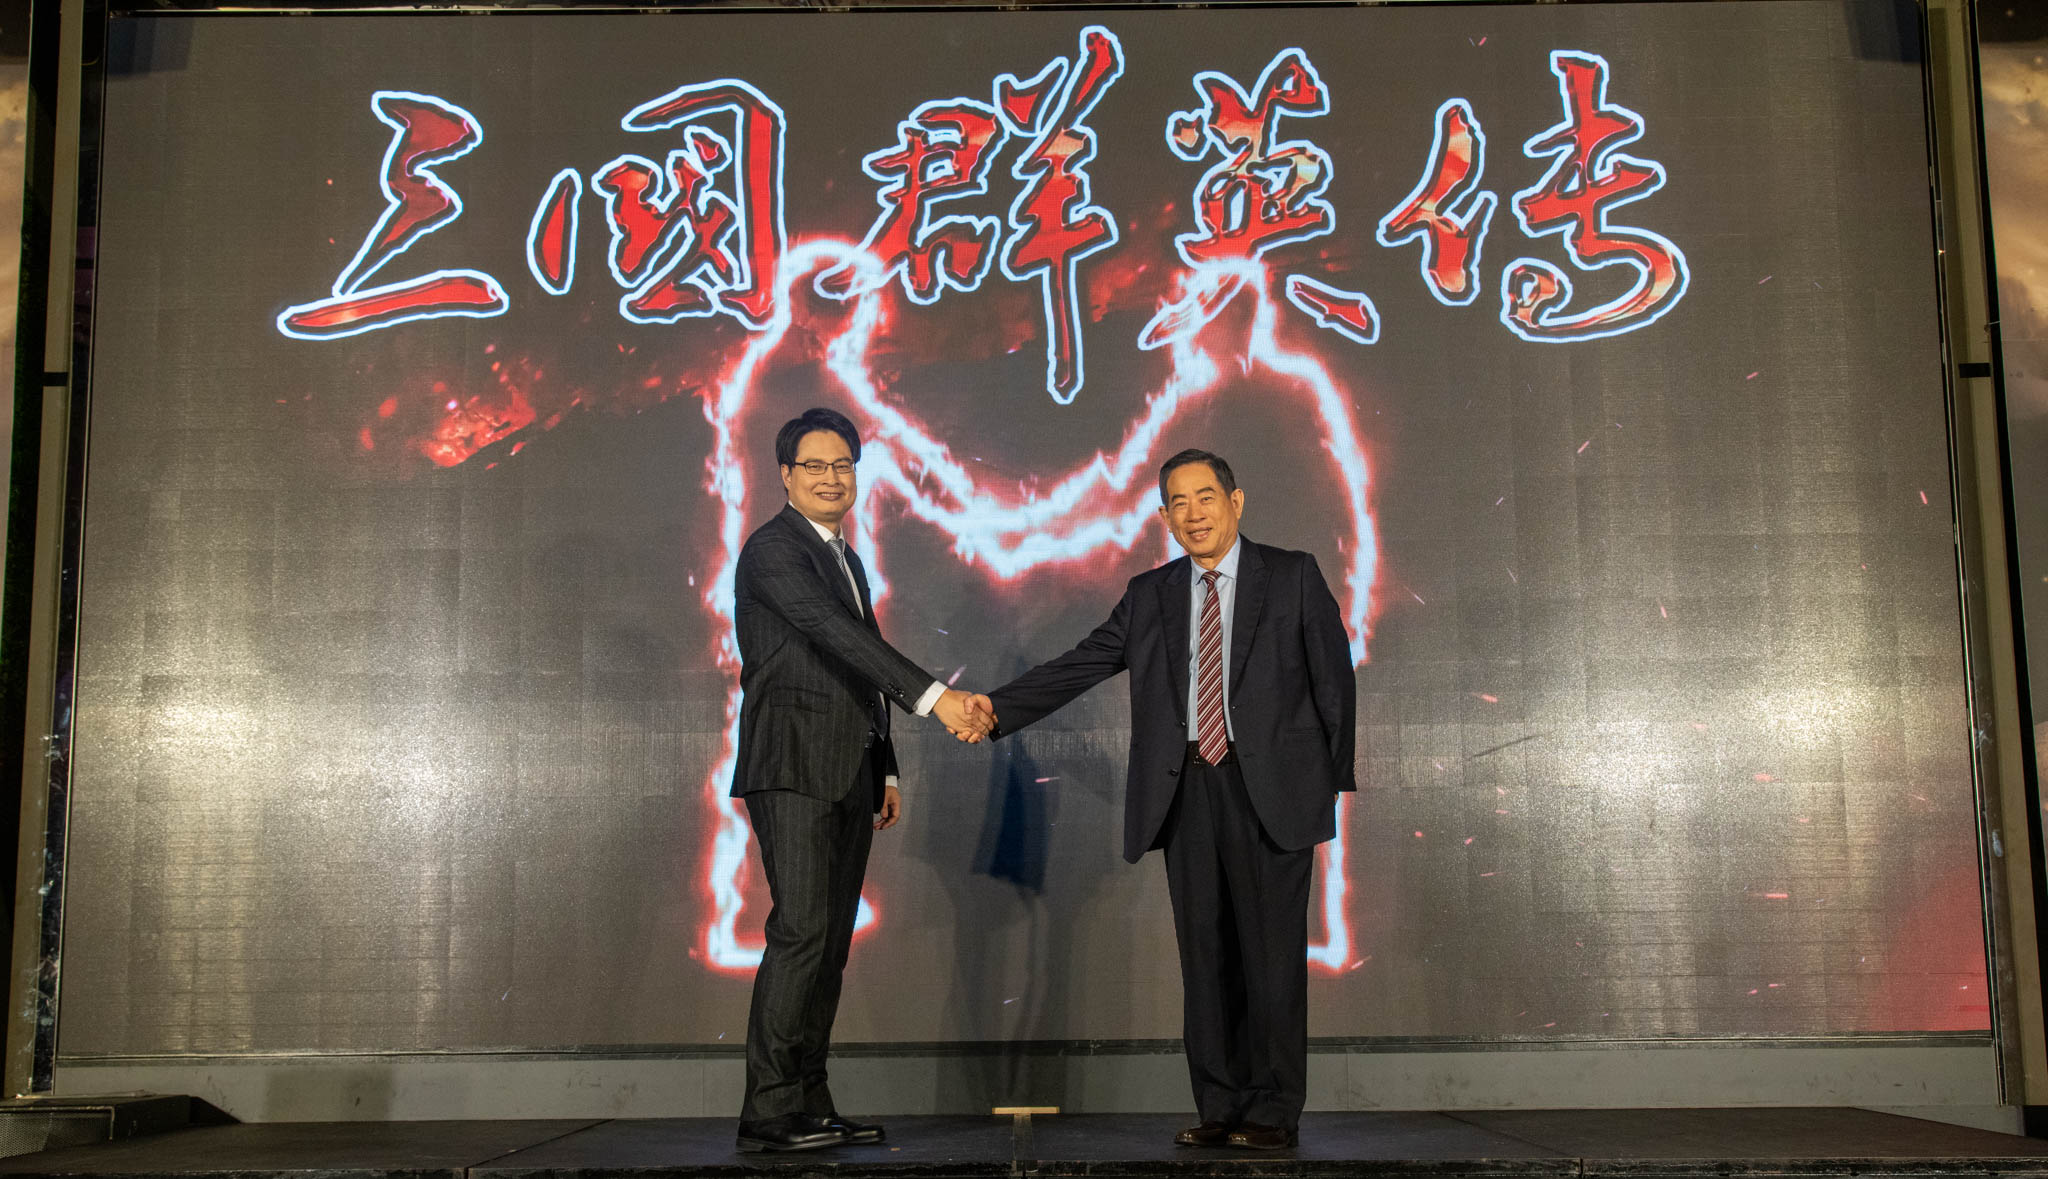 遊戲新幹線與宇峻奧汀共推《三國群英傳M》手遊 國產經典台灣首發 強強聯盟再創三國巔峰